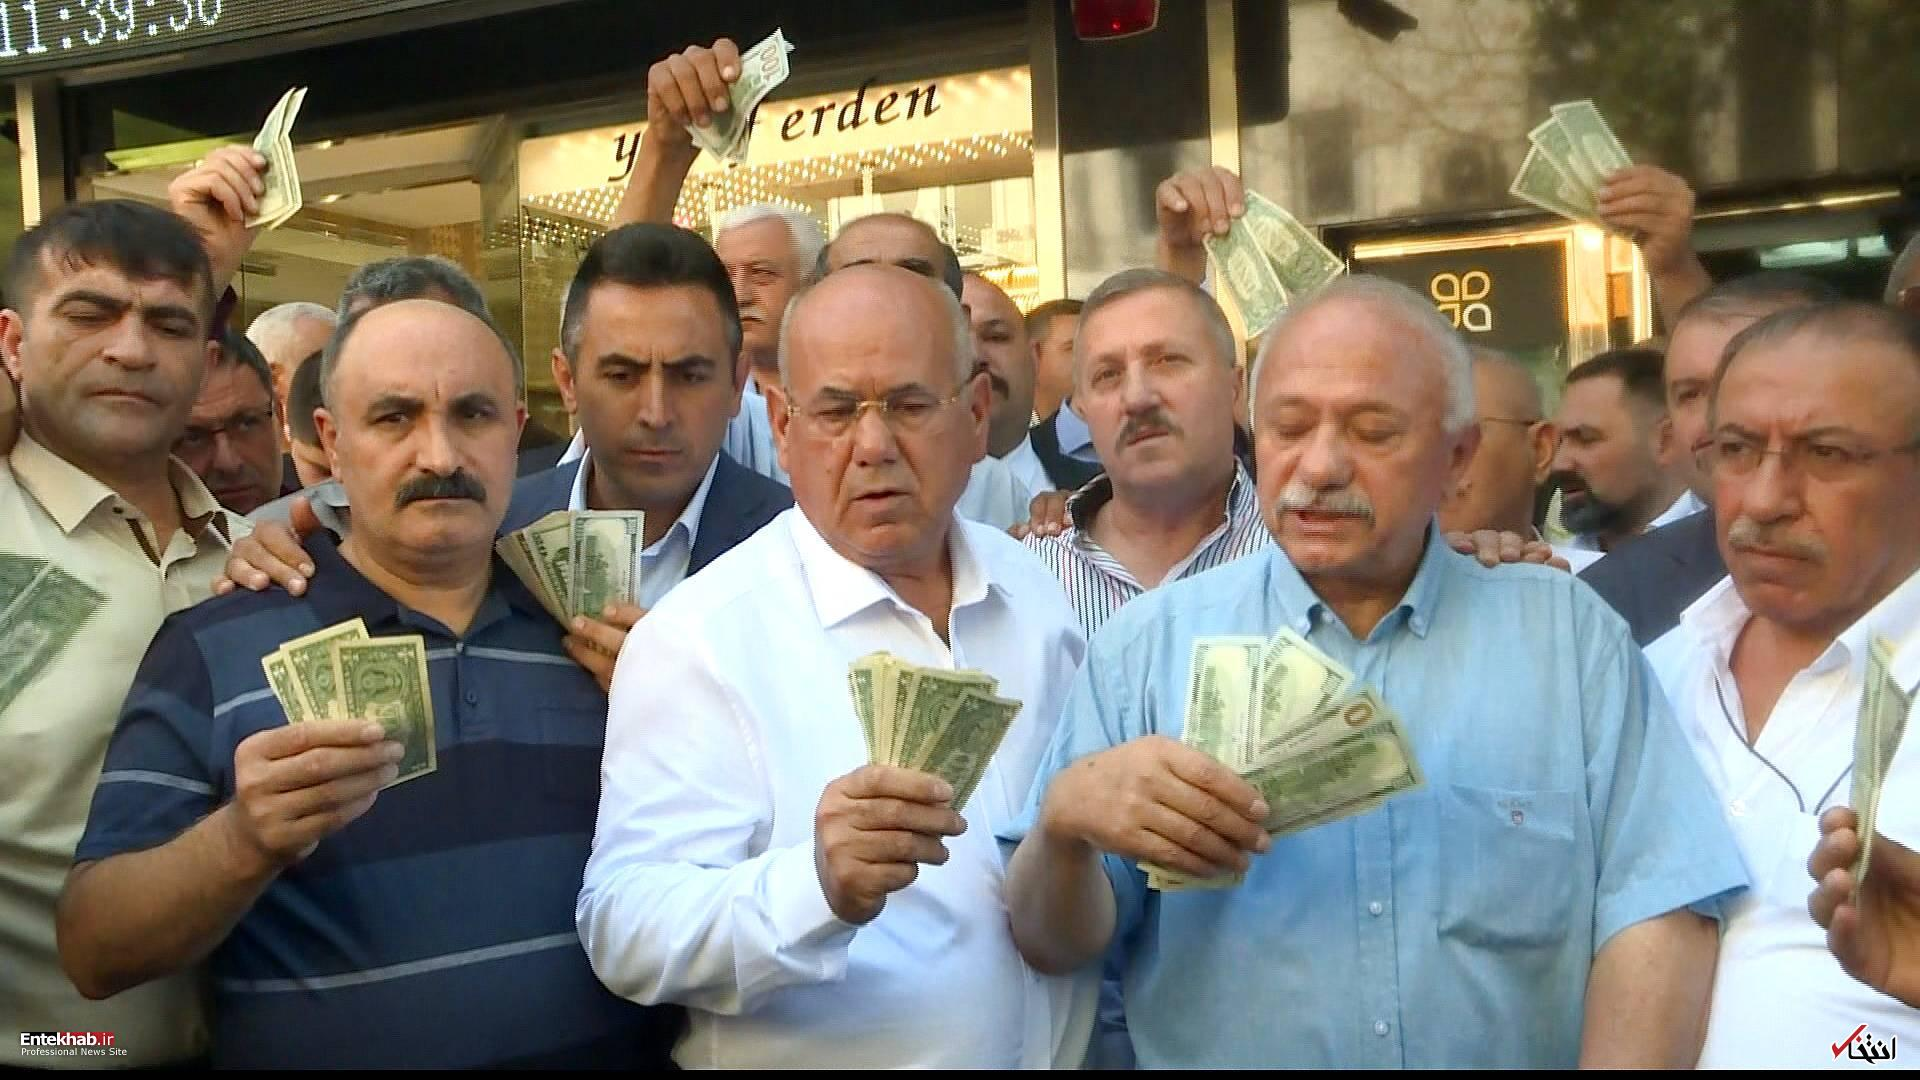 عکس/ صف مردم ترکیه برای فروش دلار